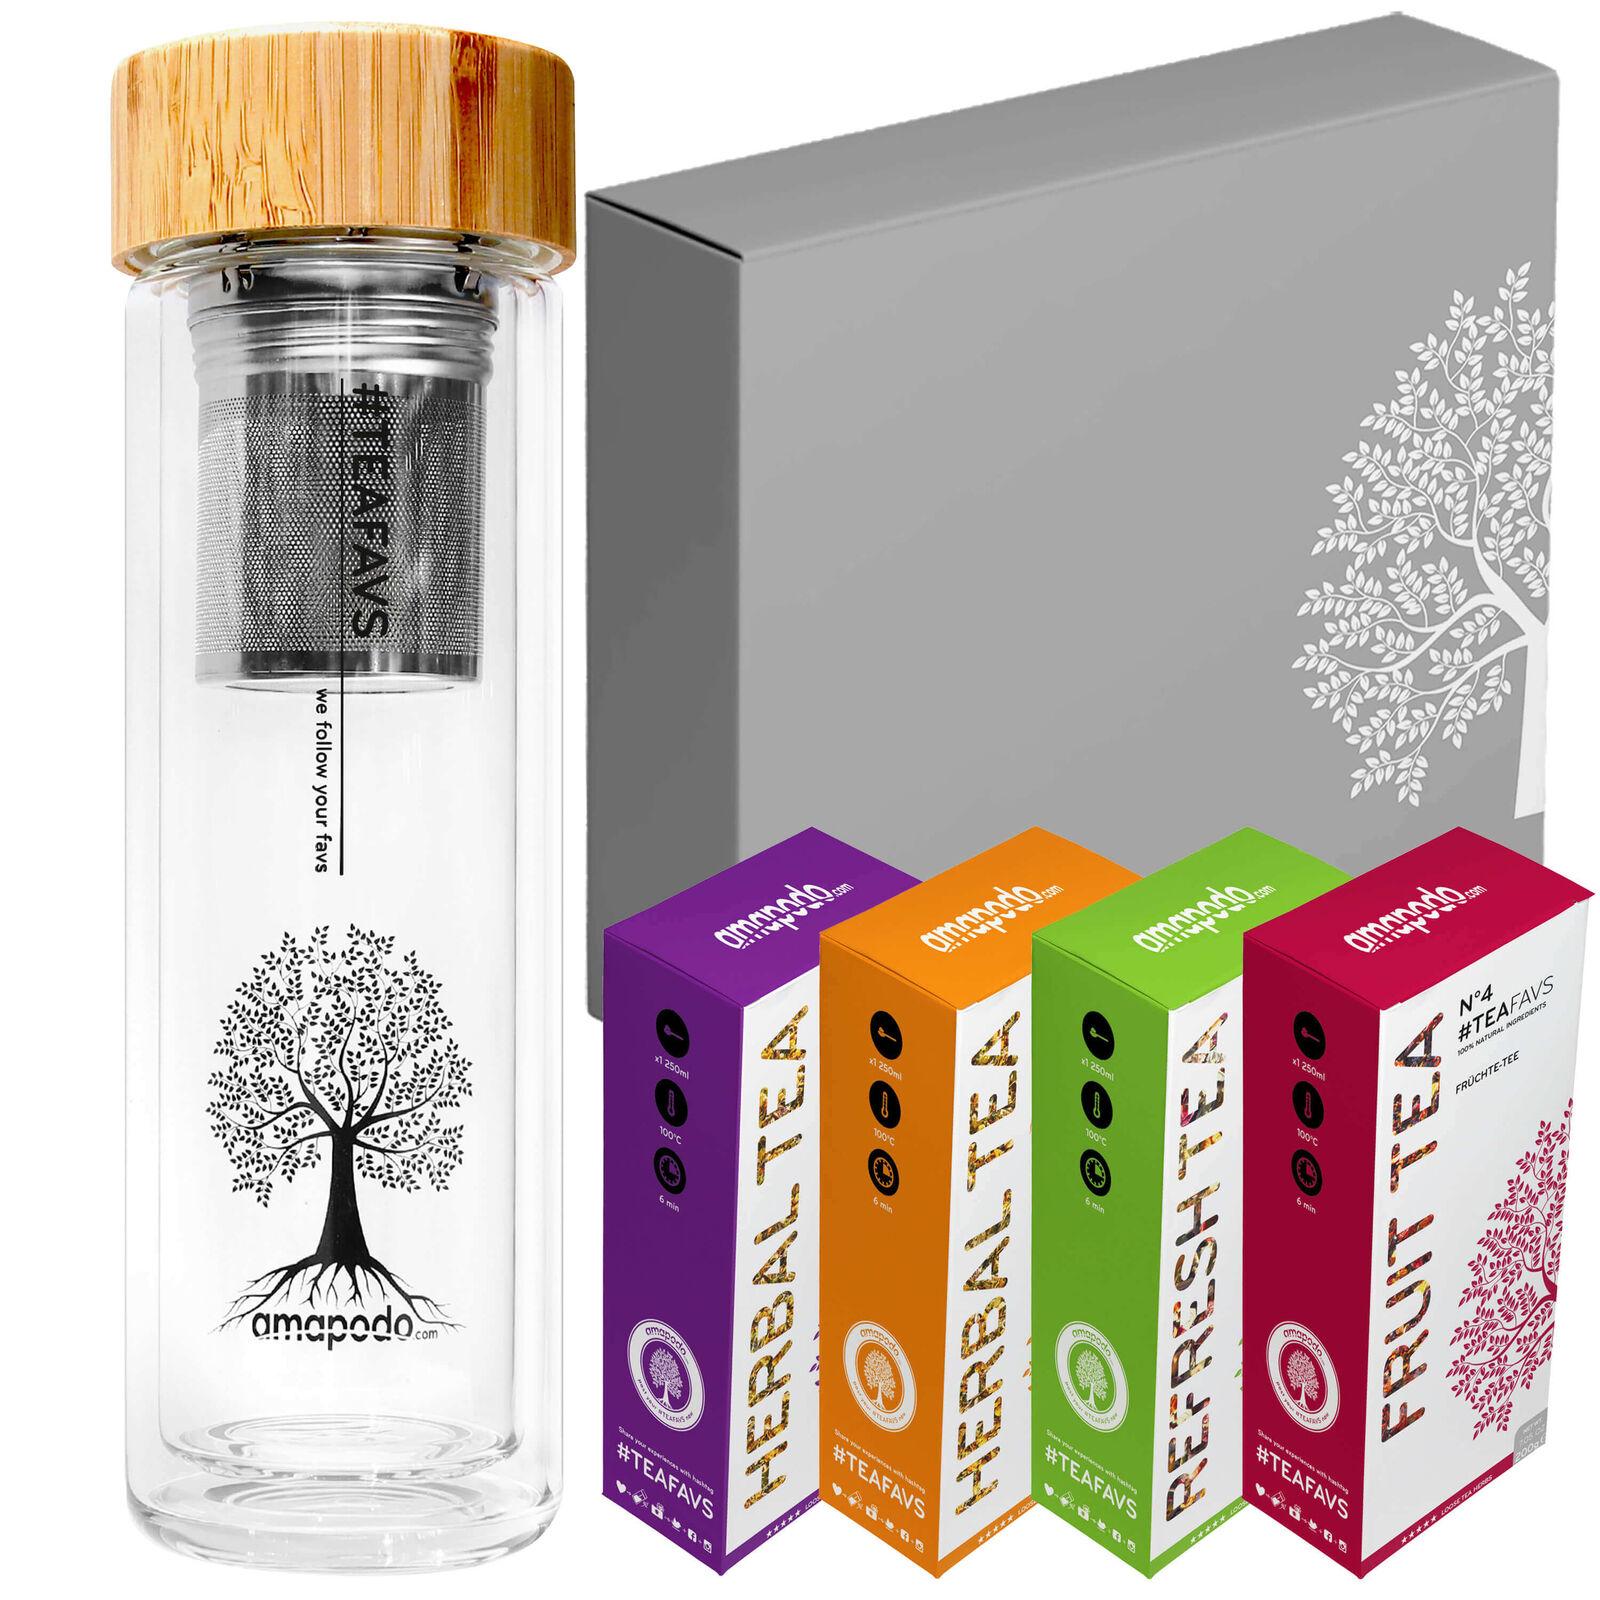 Amapodo Teekanne Tee Box Angebot - Geburtstags-Geschenk Set für Frauen & Männer | Ein Gleichgewicht zwischen Zähigkeit und Härte